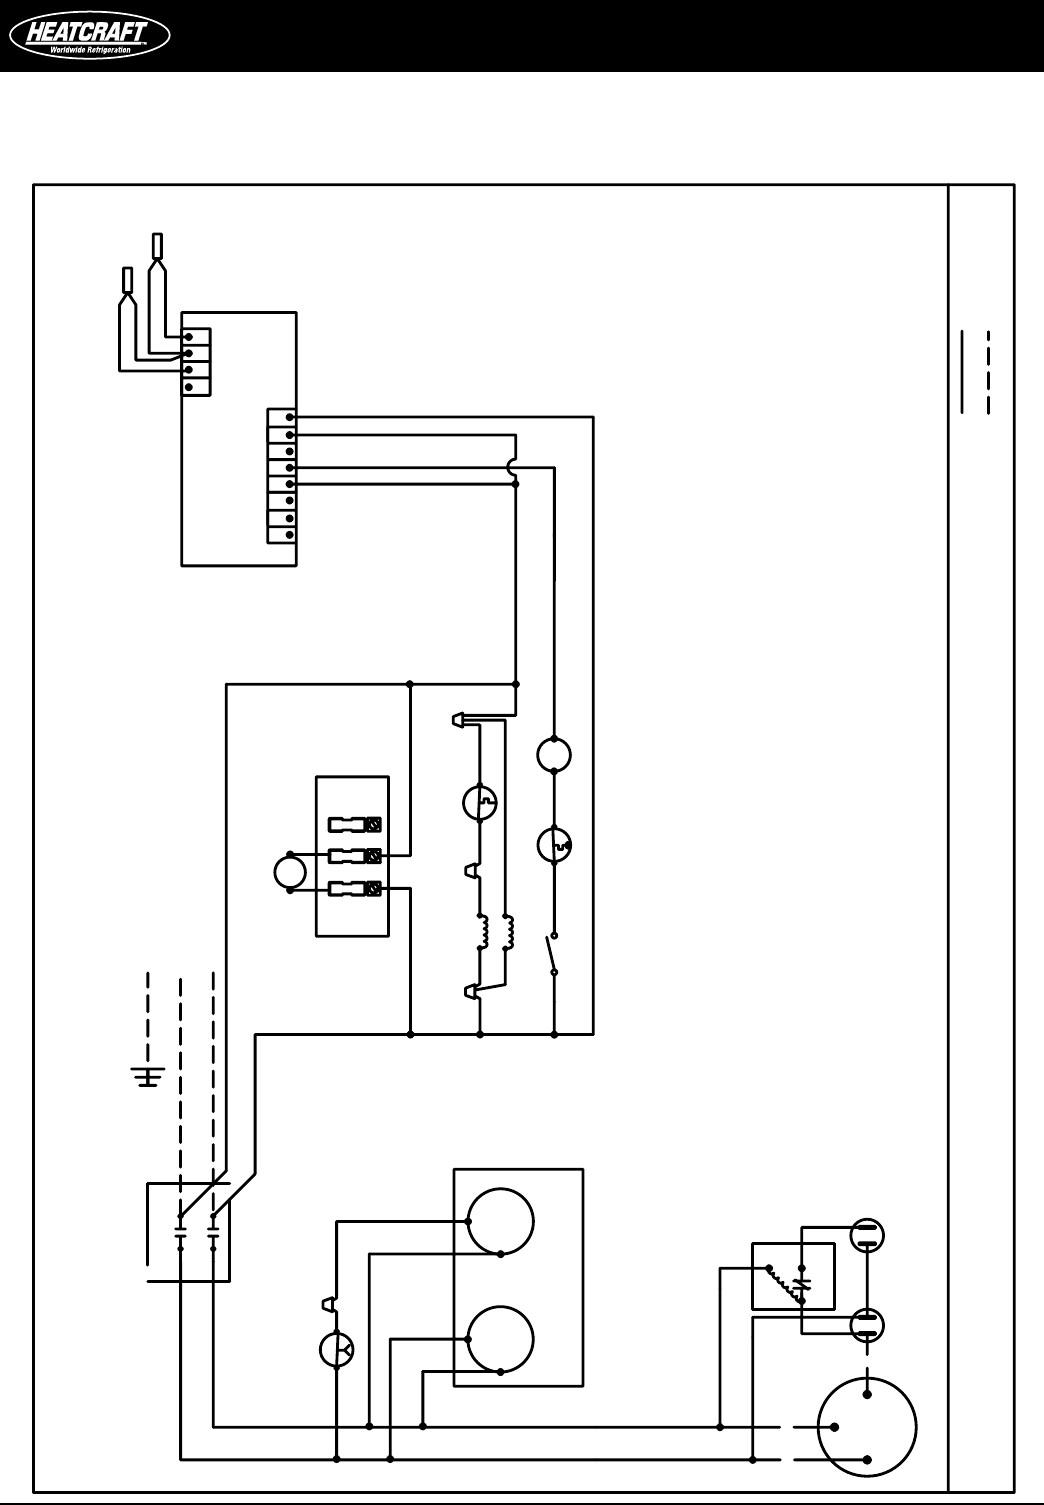 Heatcraft Walk In Freezer Wiring Diagram